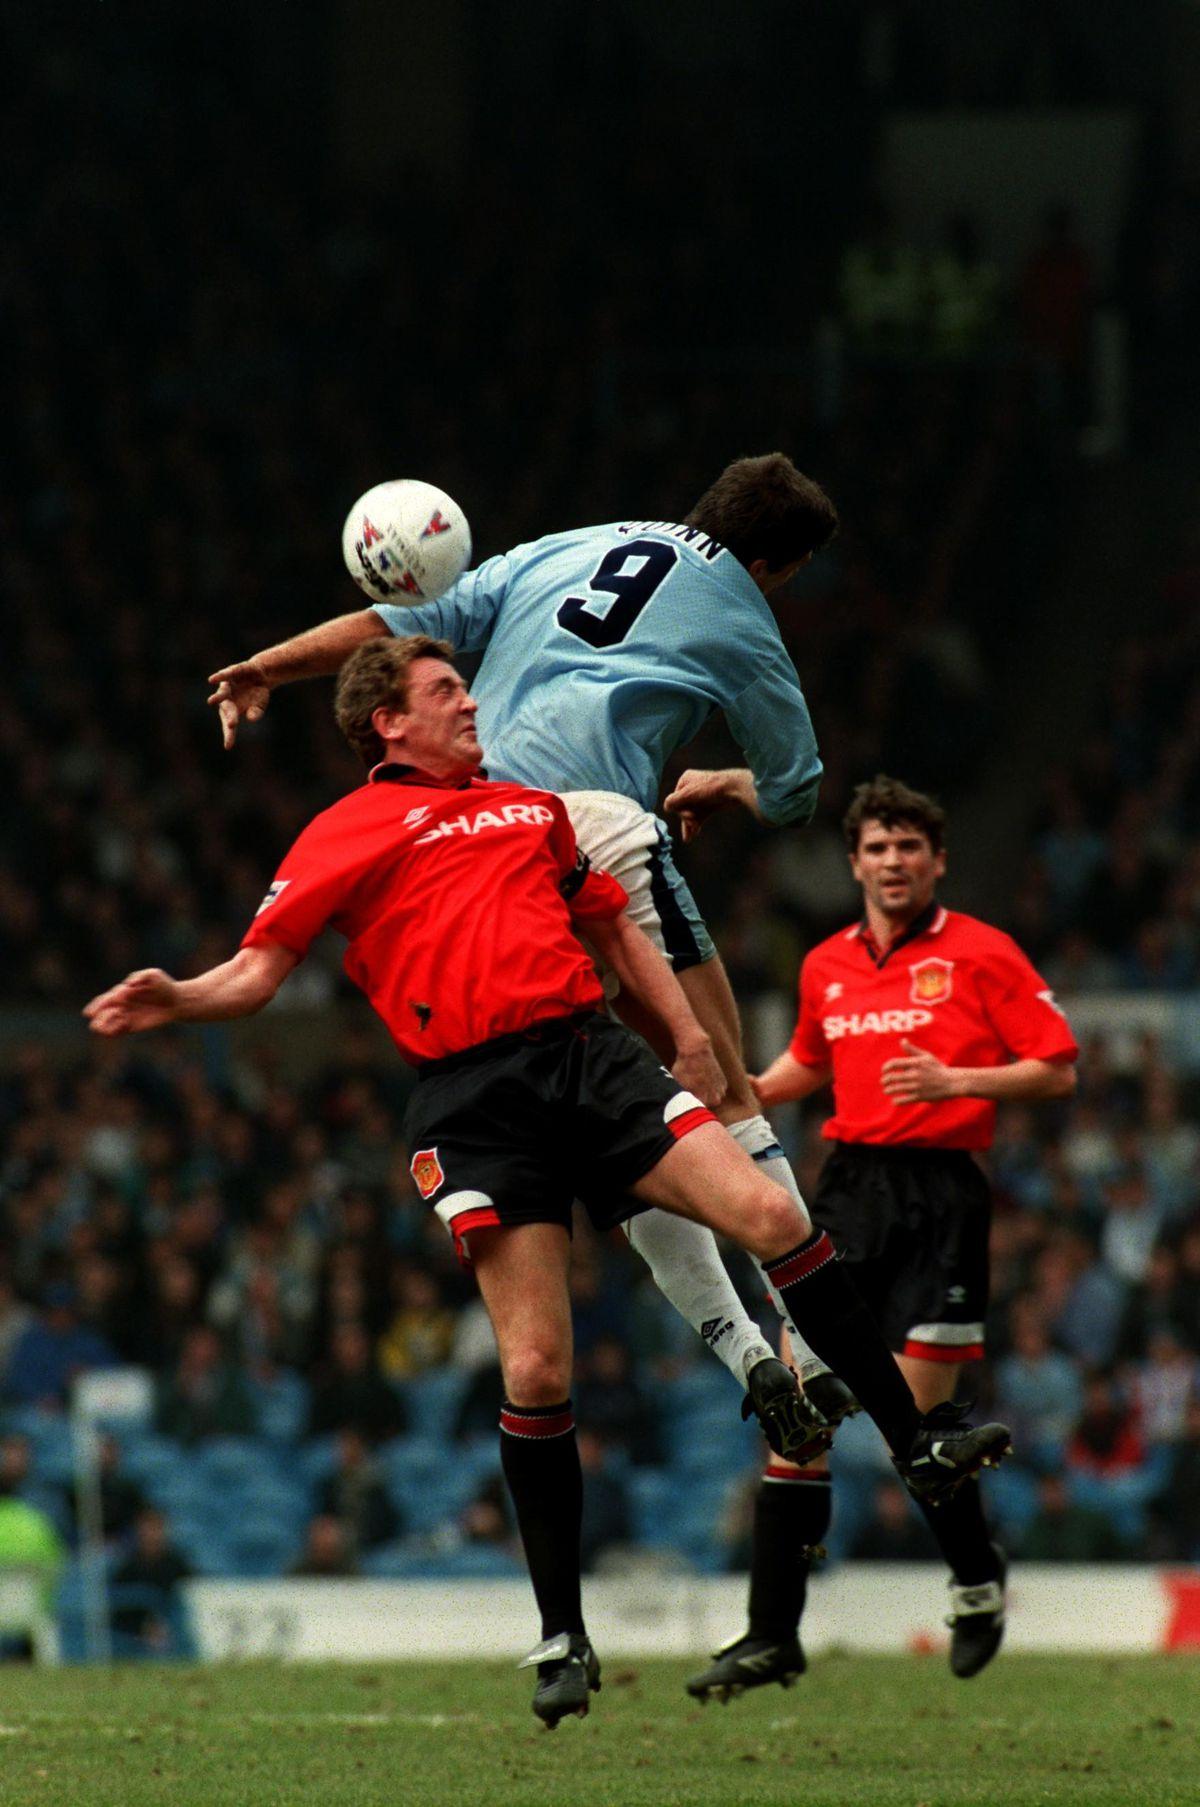 Soccer - Manchester City v Manchester United